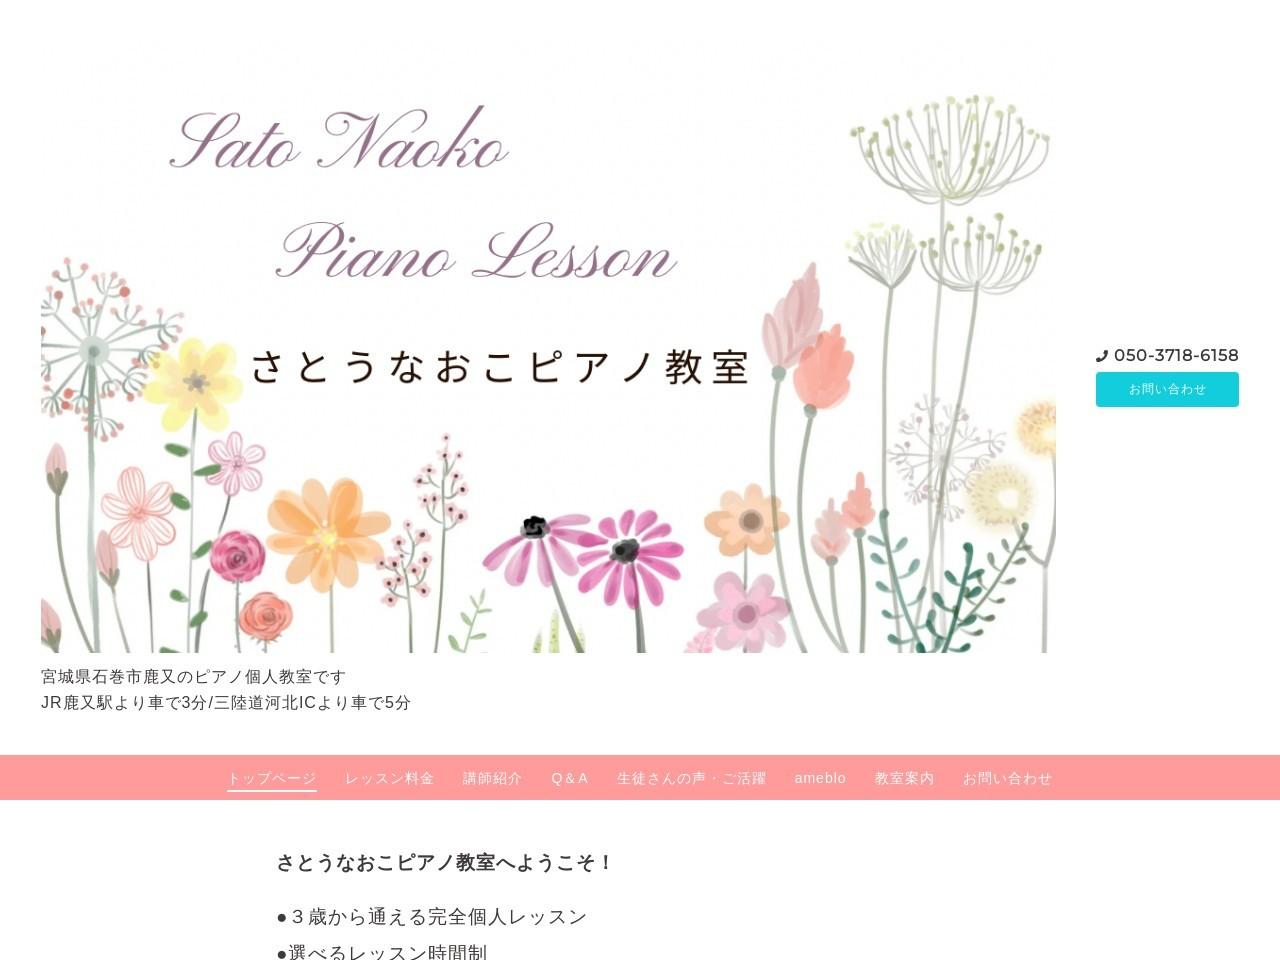 さとうなおこピアノ教室のサムネイル